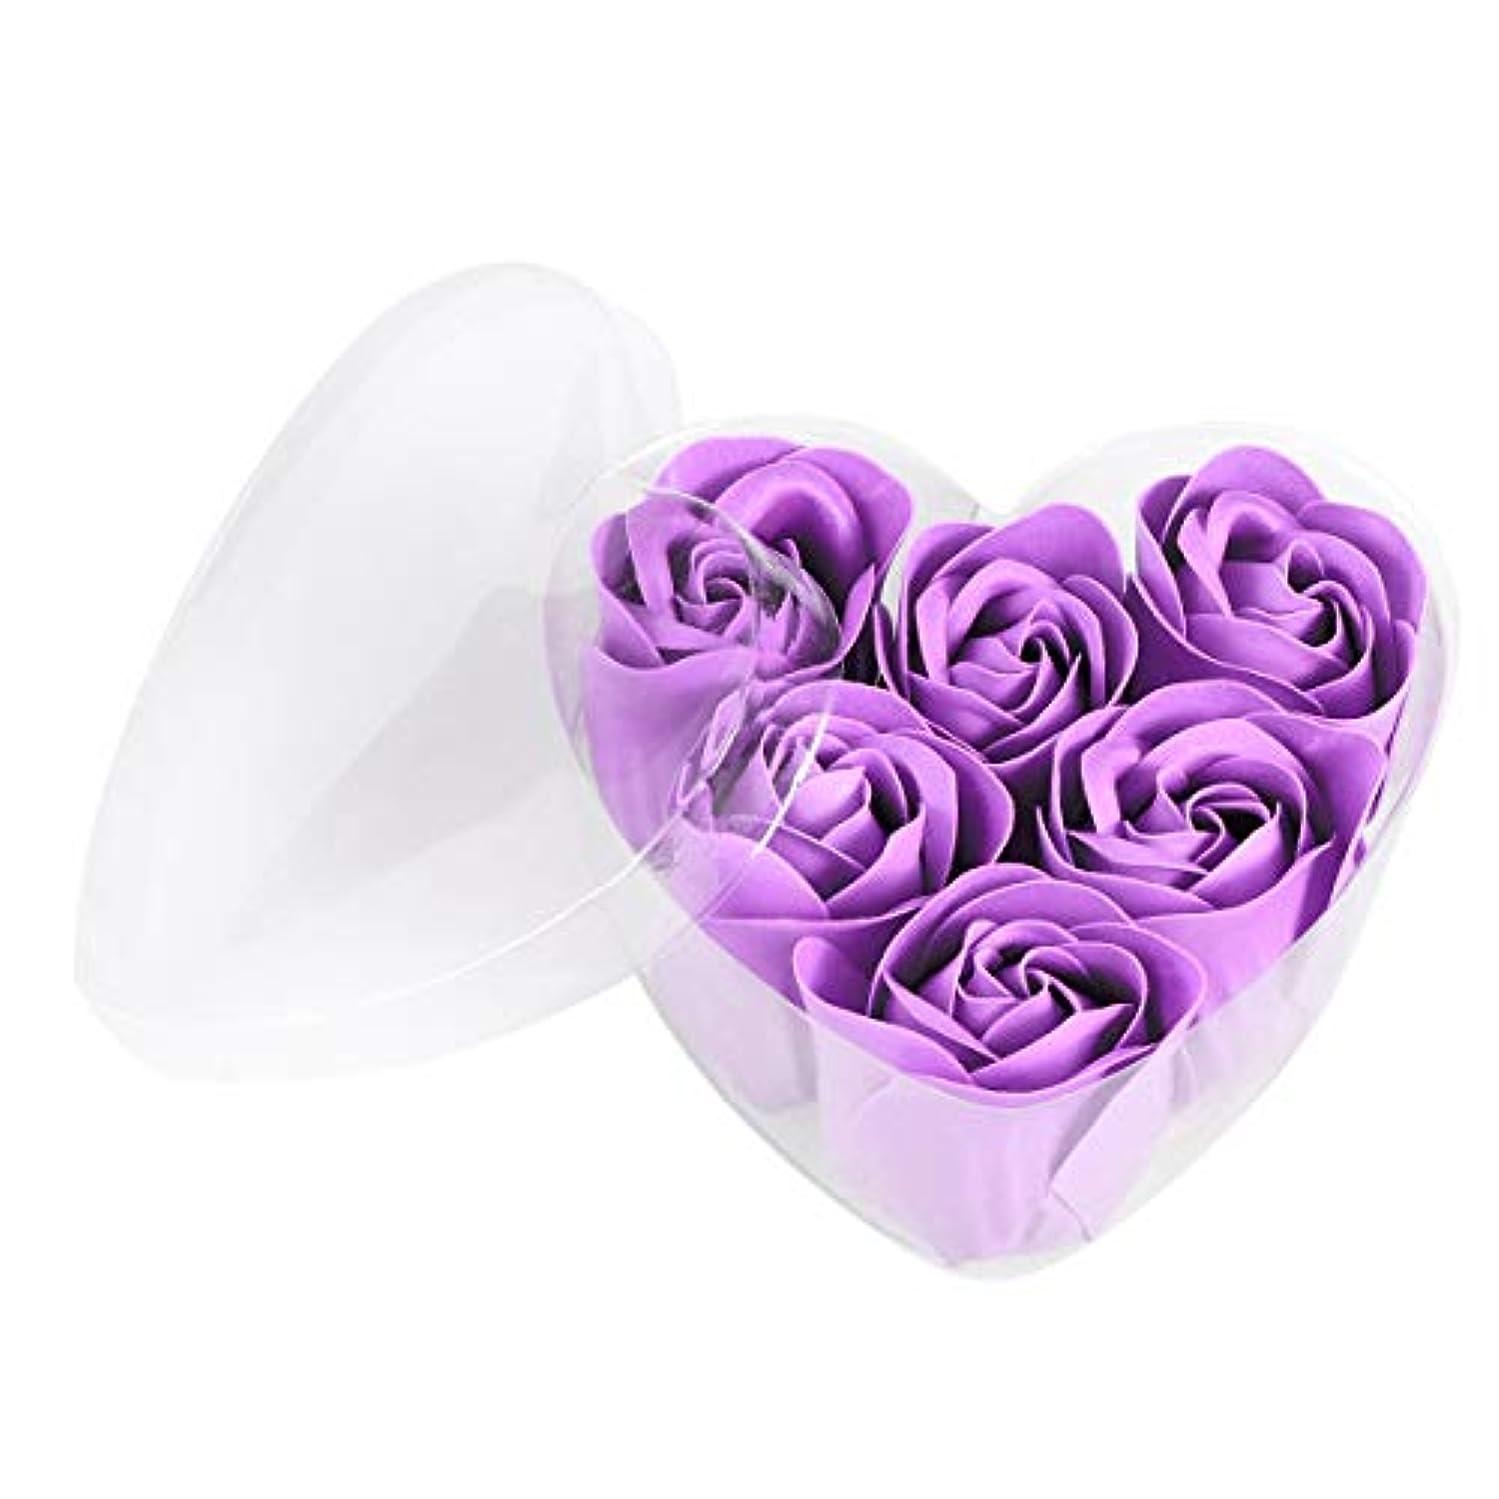 自発ハントコショウFRCOLOR 6ピースシミュレーションローズソープハート型フラワーソープギフトボックス用誕生日Valentin's Day(紫)